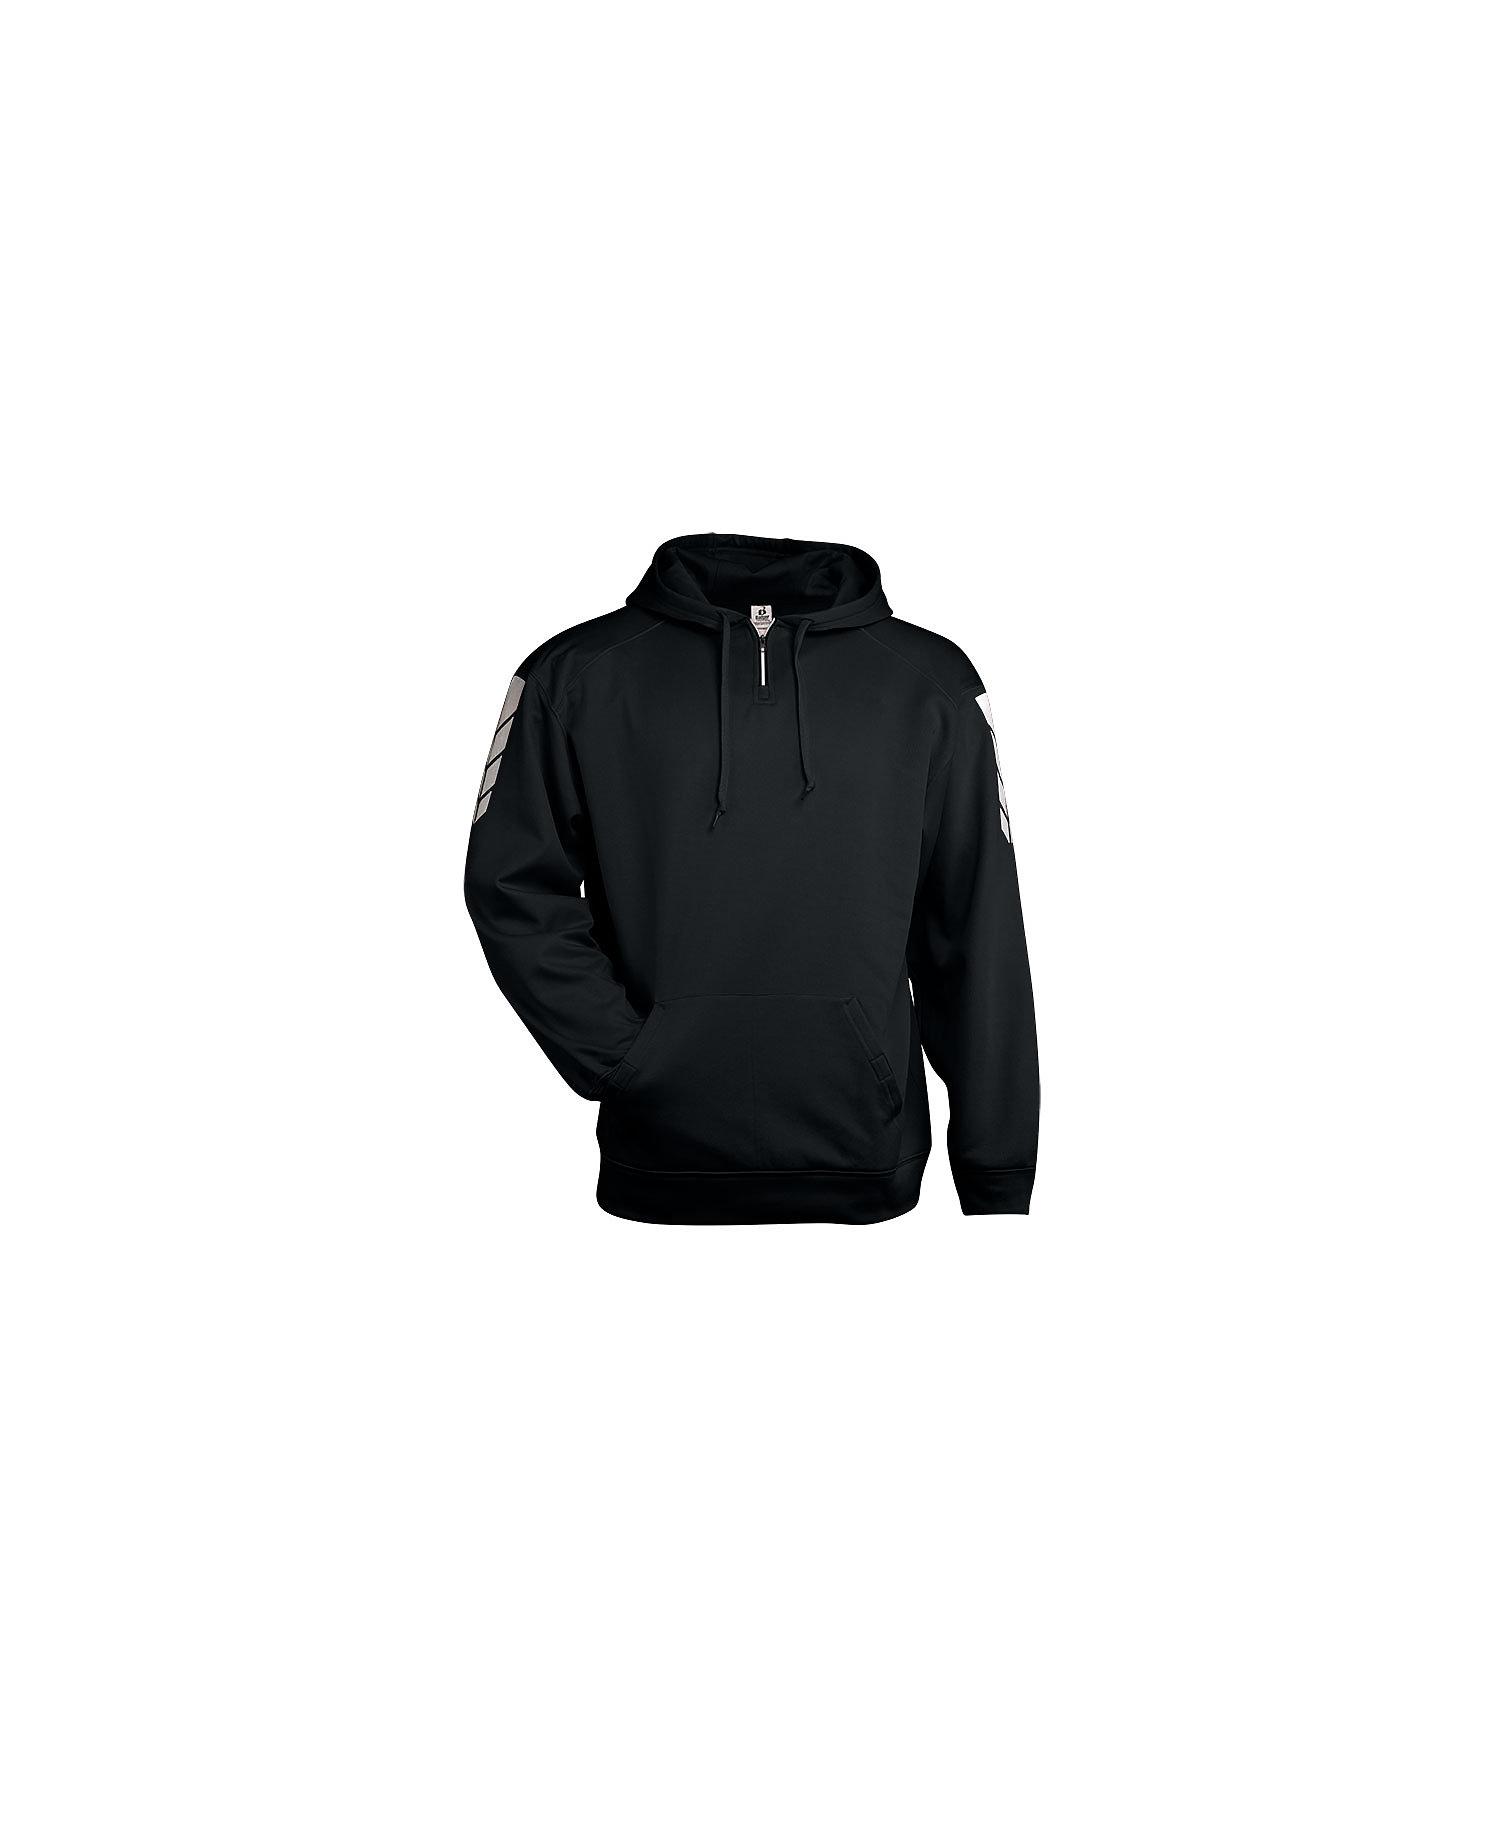 Badger Sport 1428 - Adult Metallic Hood